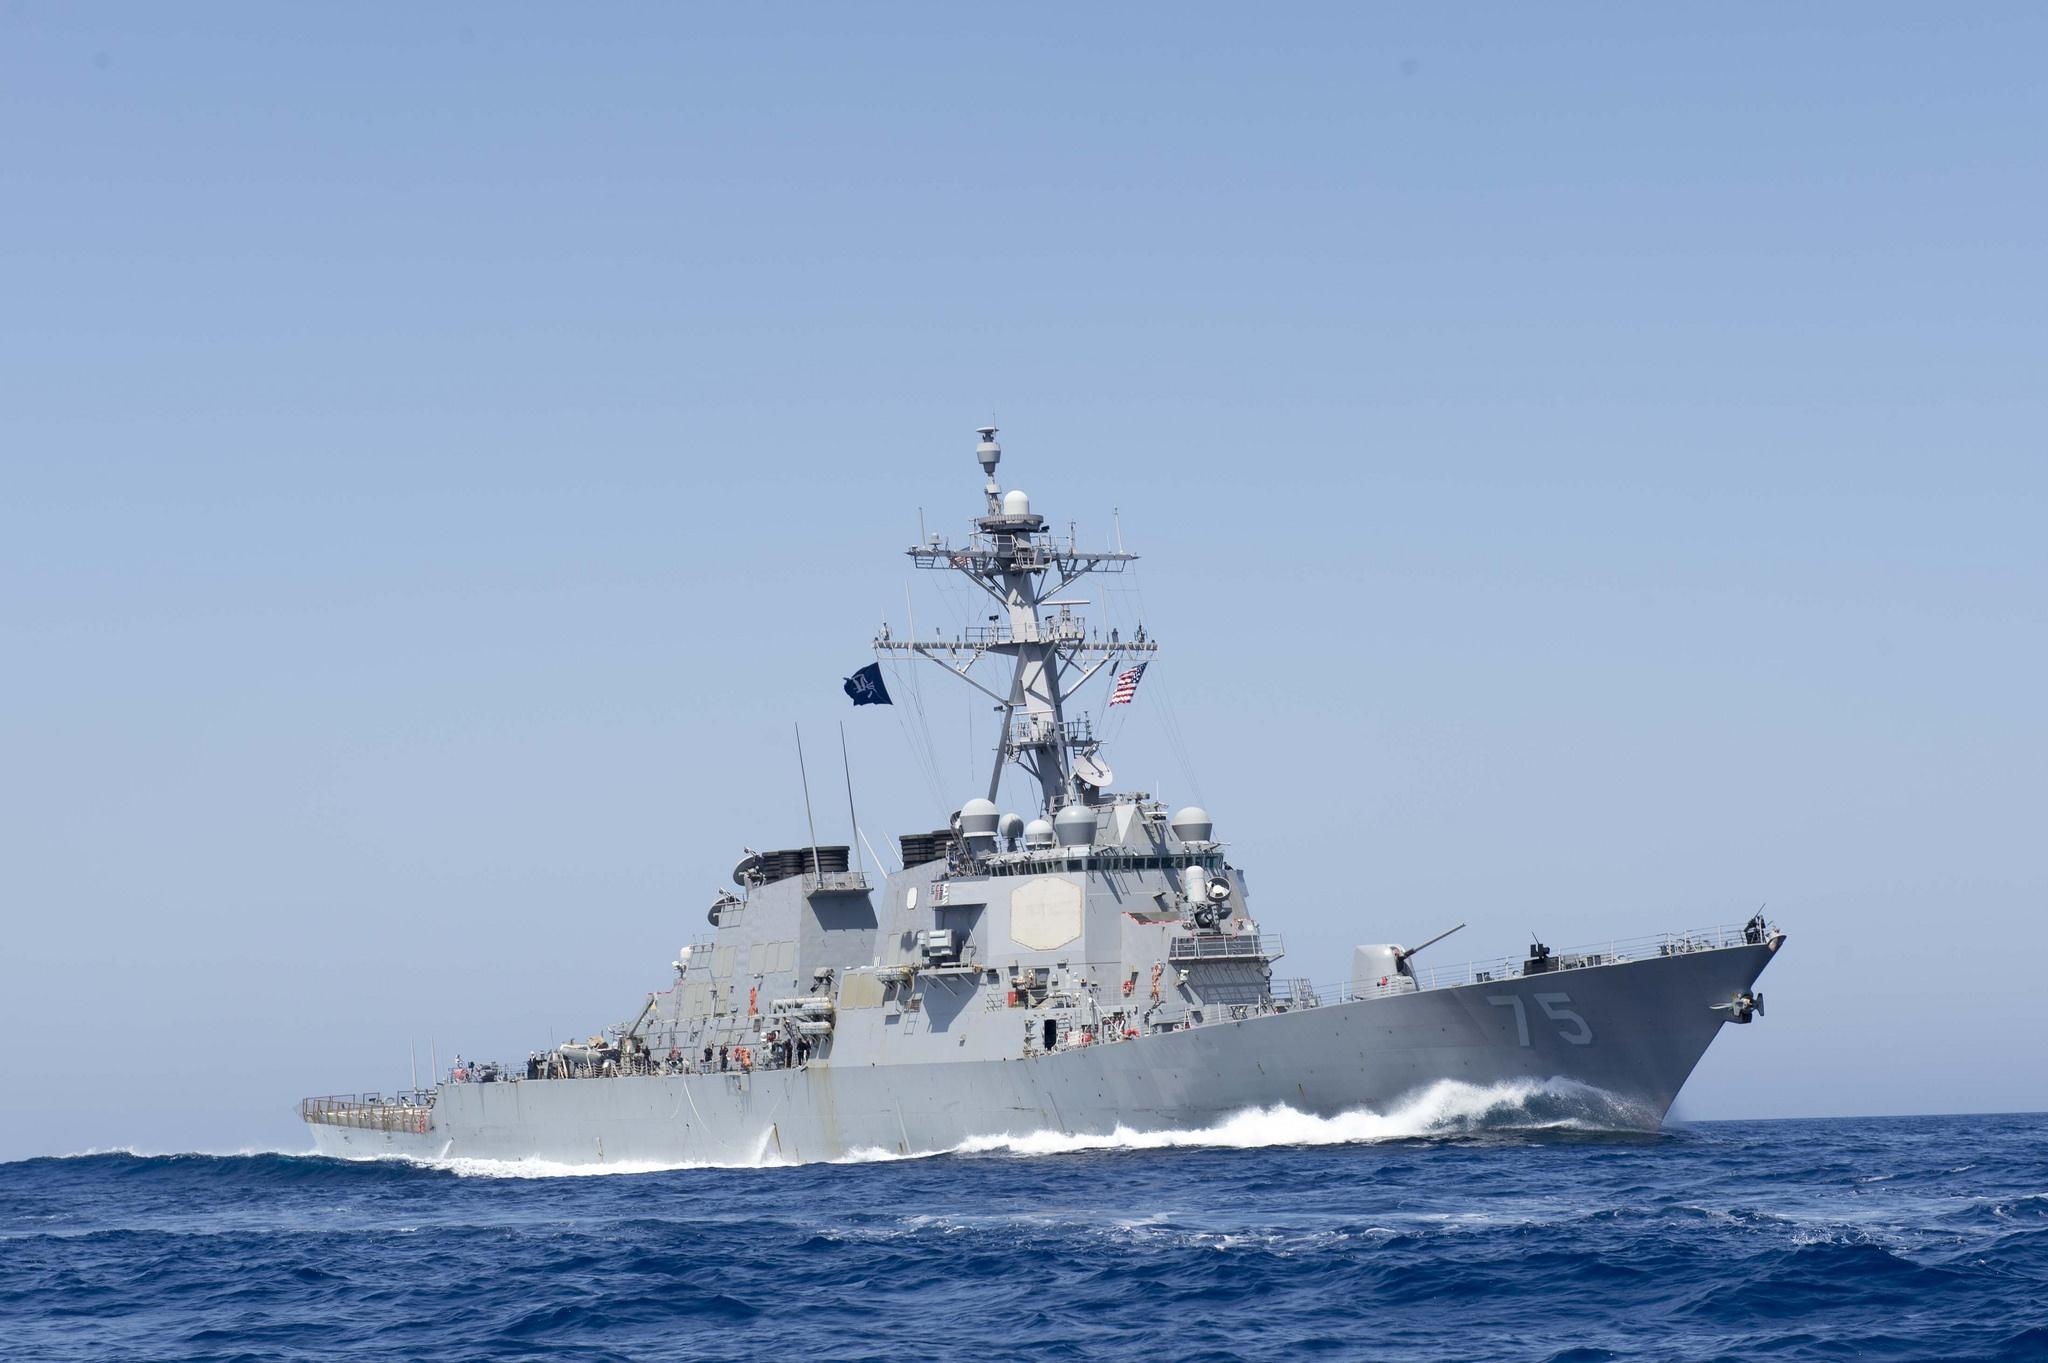 美军驱逐舰进入黑海 俄军迅速派出舰只跟踪